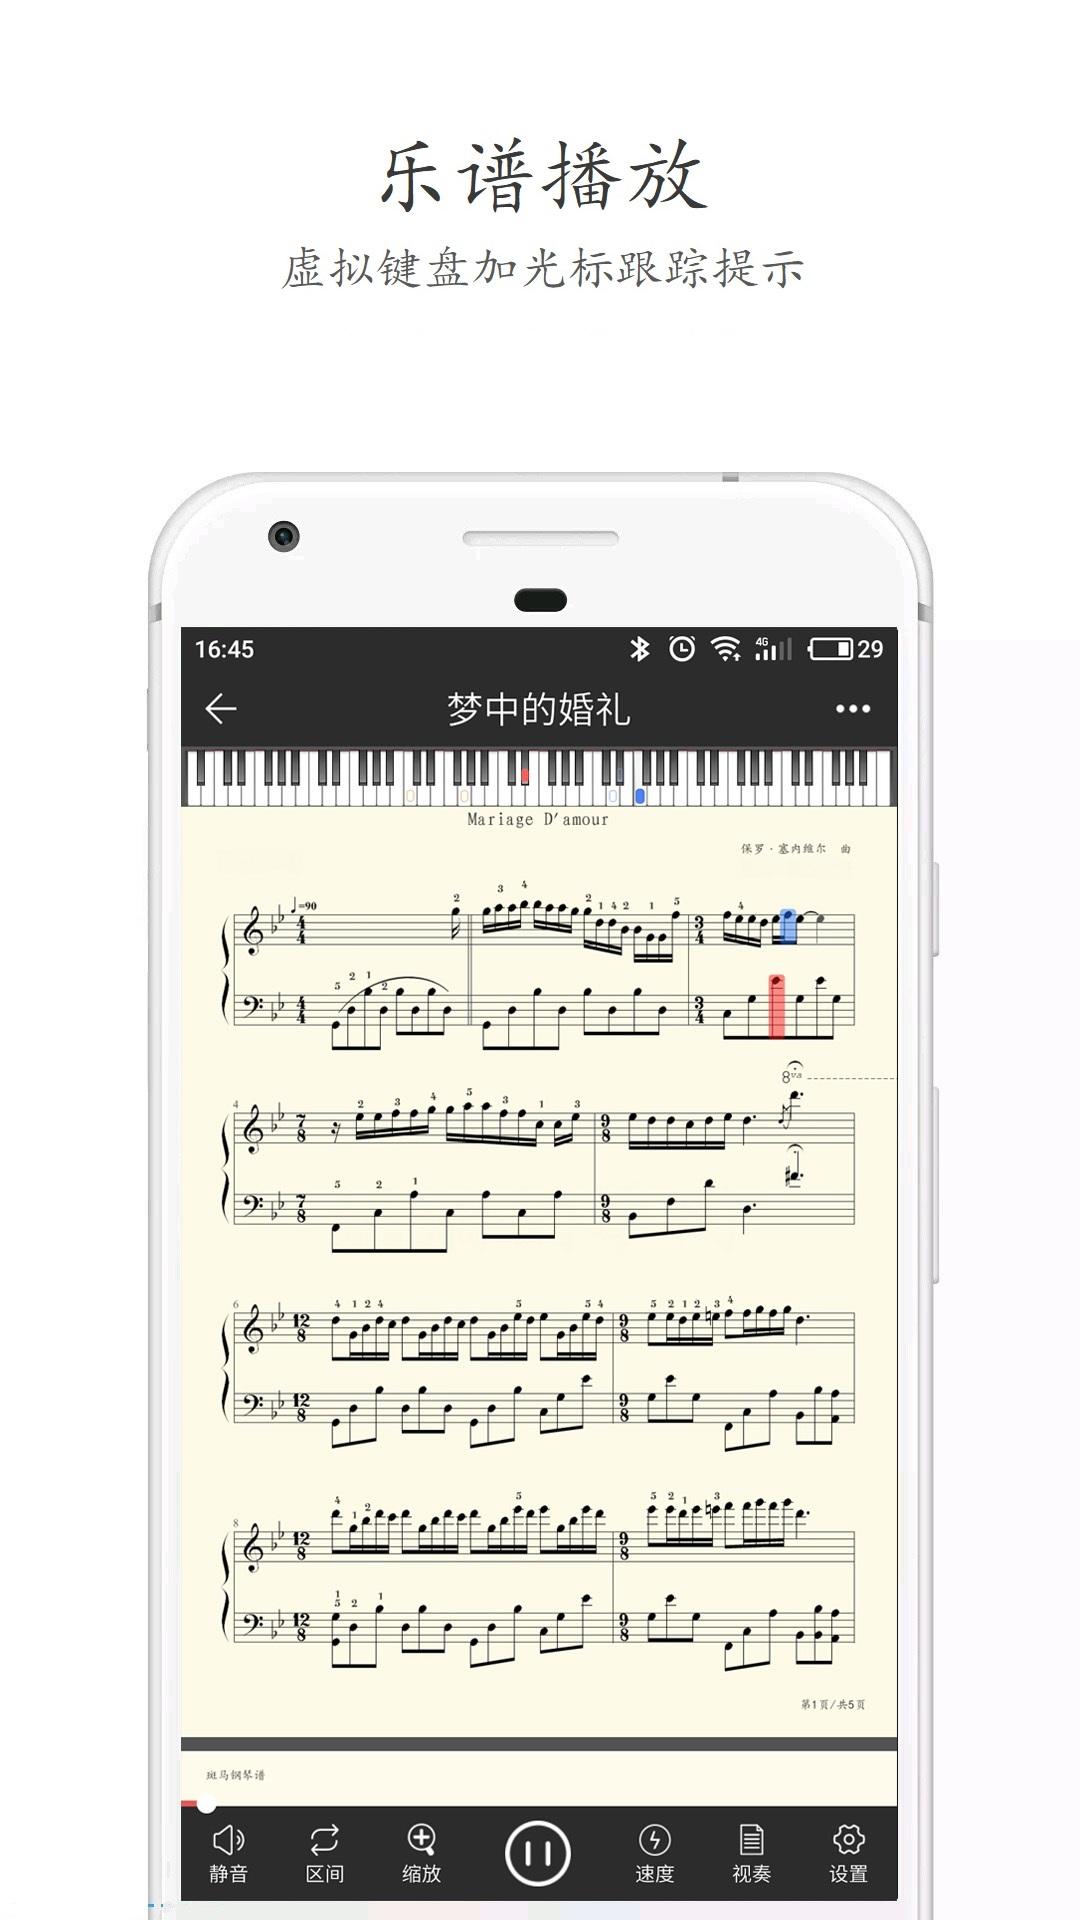 斑马钢琴谱截图